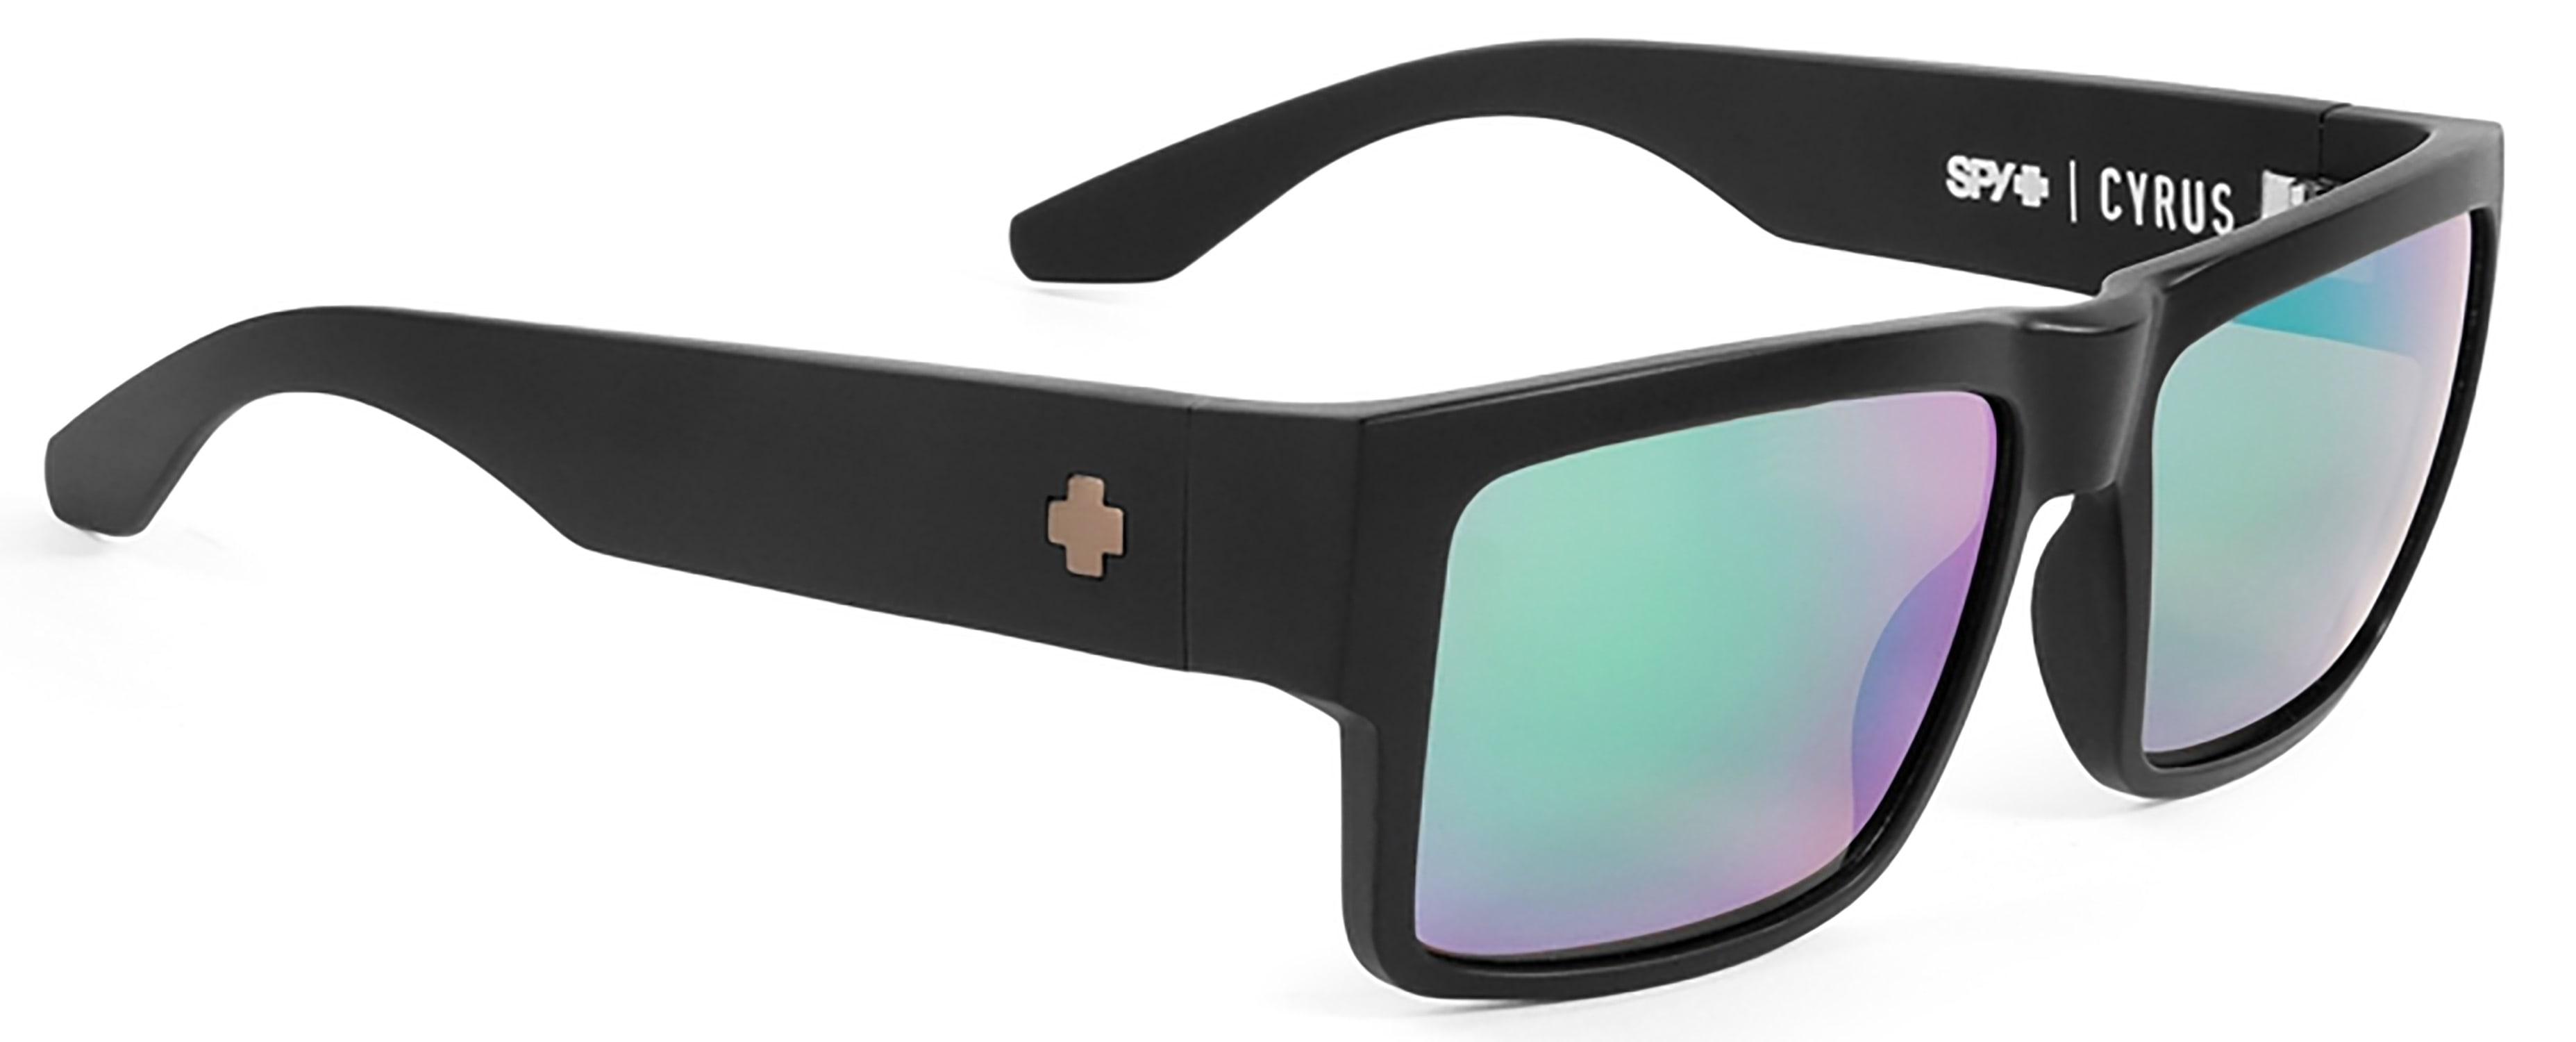 Mens Spy Sunglasses  on spy cyrus sunglasses